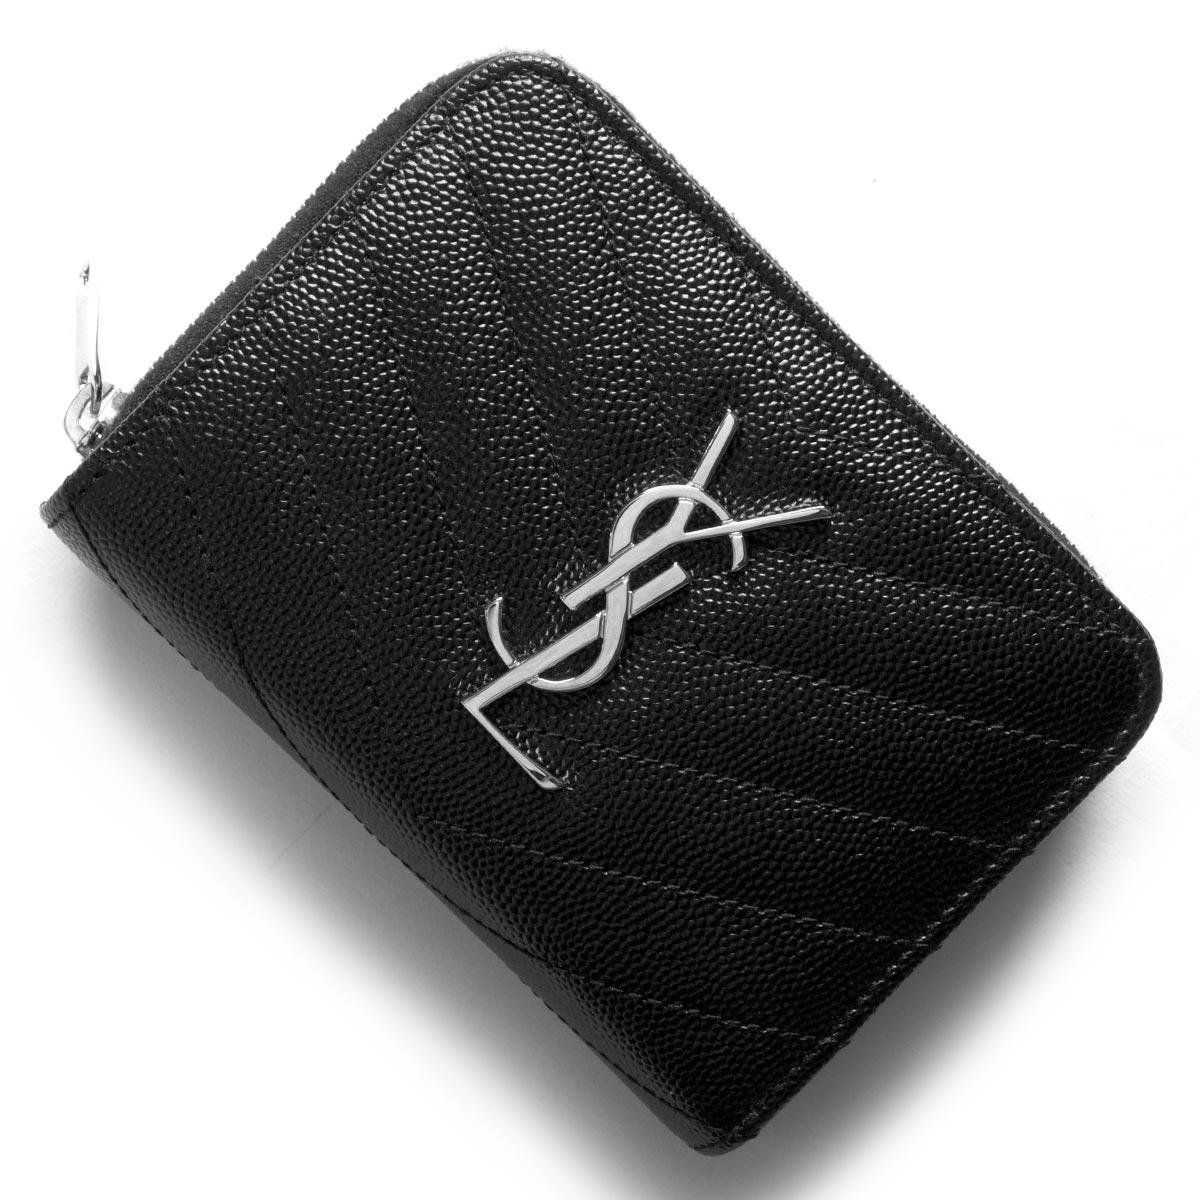 サンローランパリ イヴサンローラン 財布 二つ折り財布 財布 レディース モノグラム MONOGRAMME YSL ブラック 403723 BOW02 1000 SAINT LAURENT PARIS